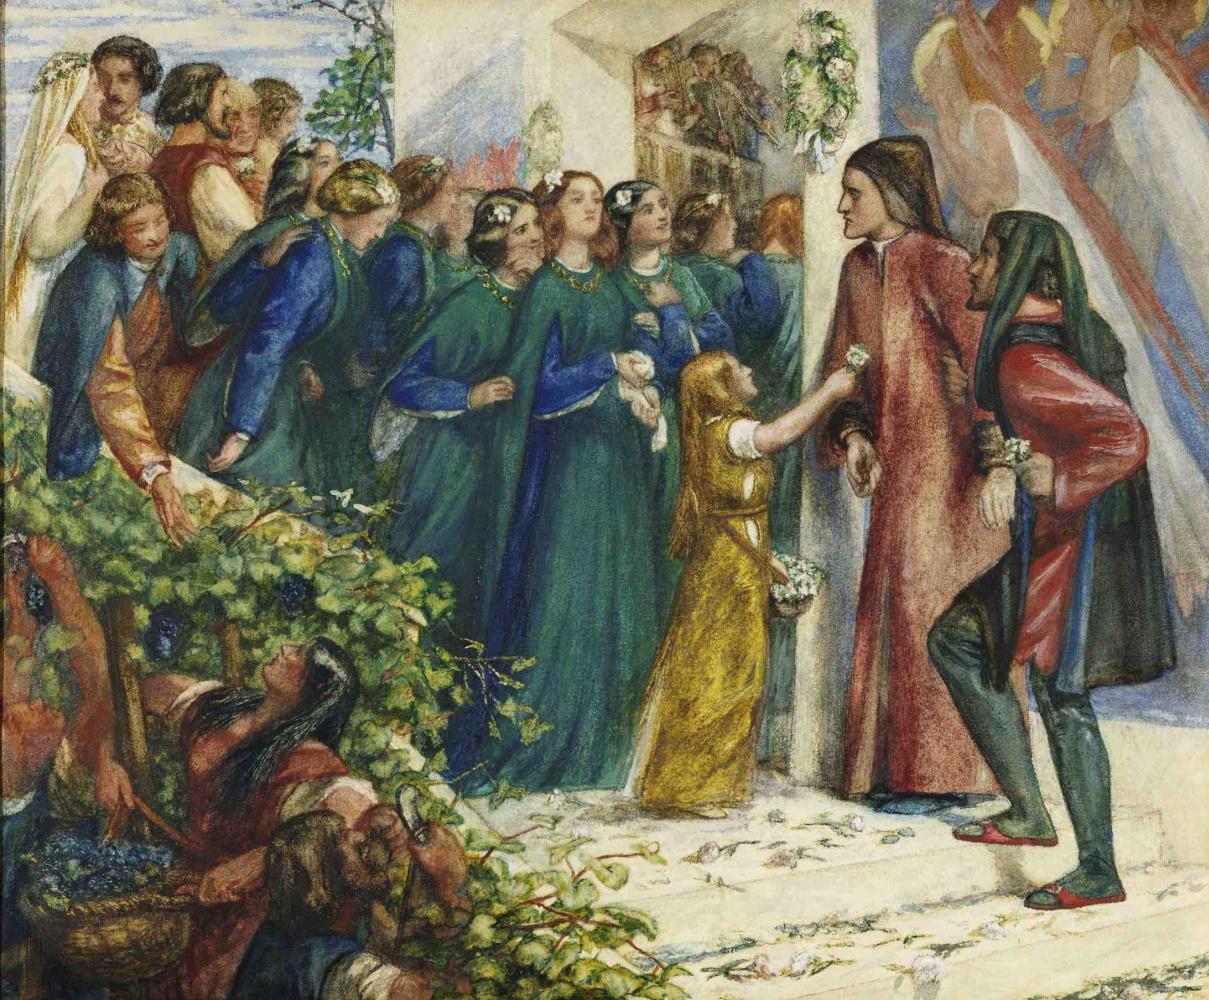 Данте Габриэль Россетти. Встреча Данте и Беатриче на чужой свадьбе. Эскиз